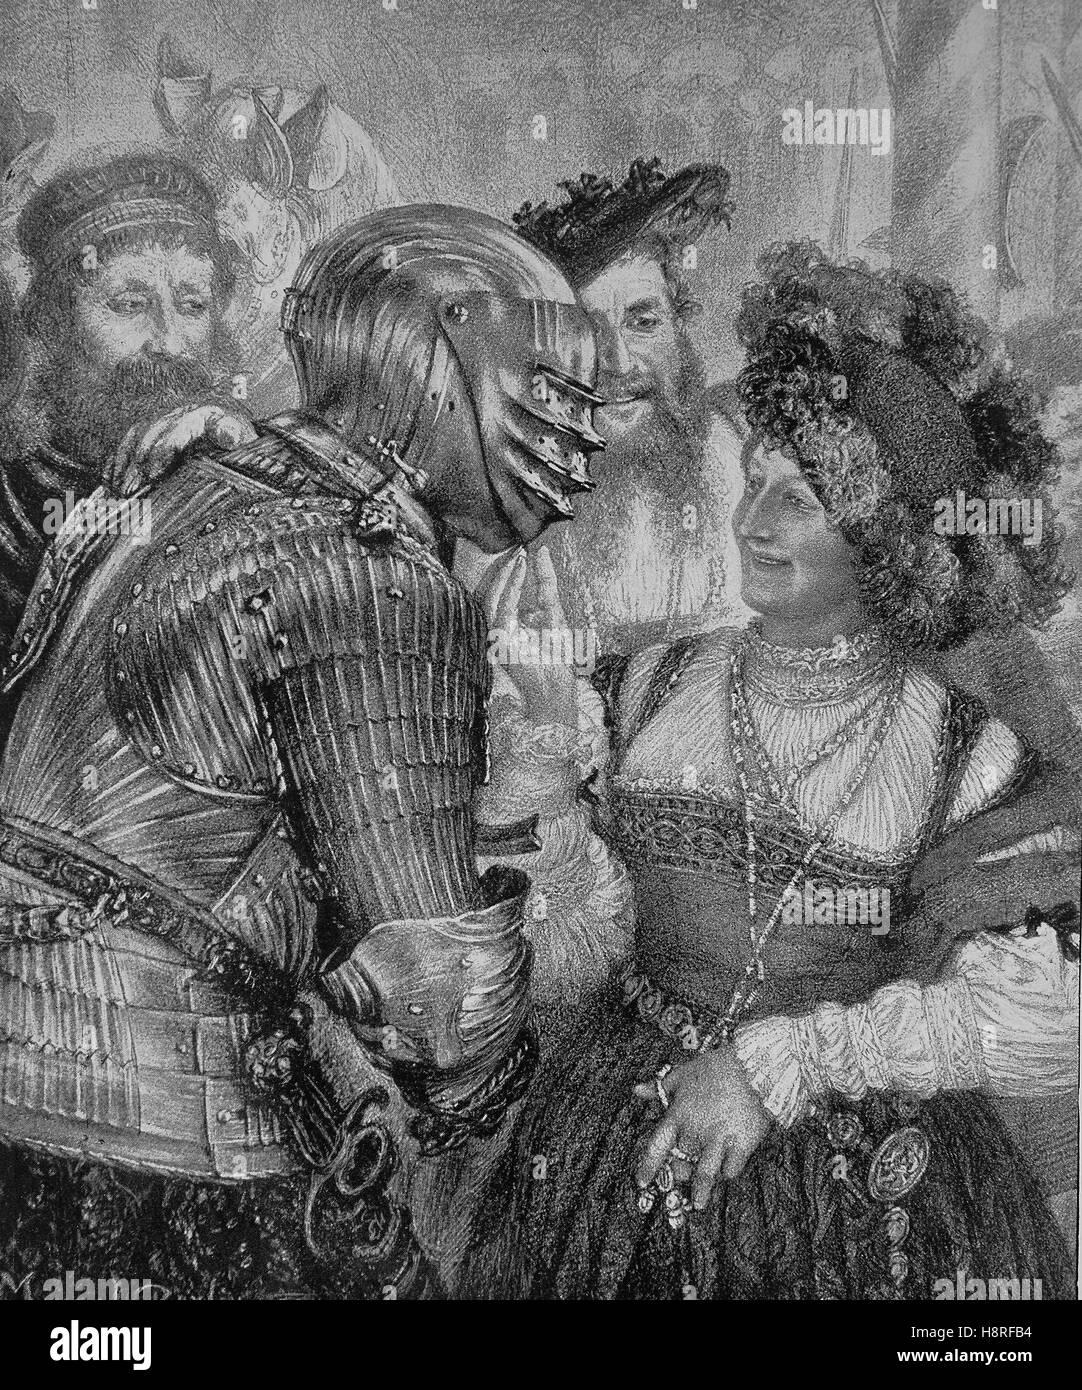 Cavaliere in armatura in una serata di ballo nel castello medievale Immagini Stock